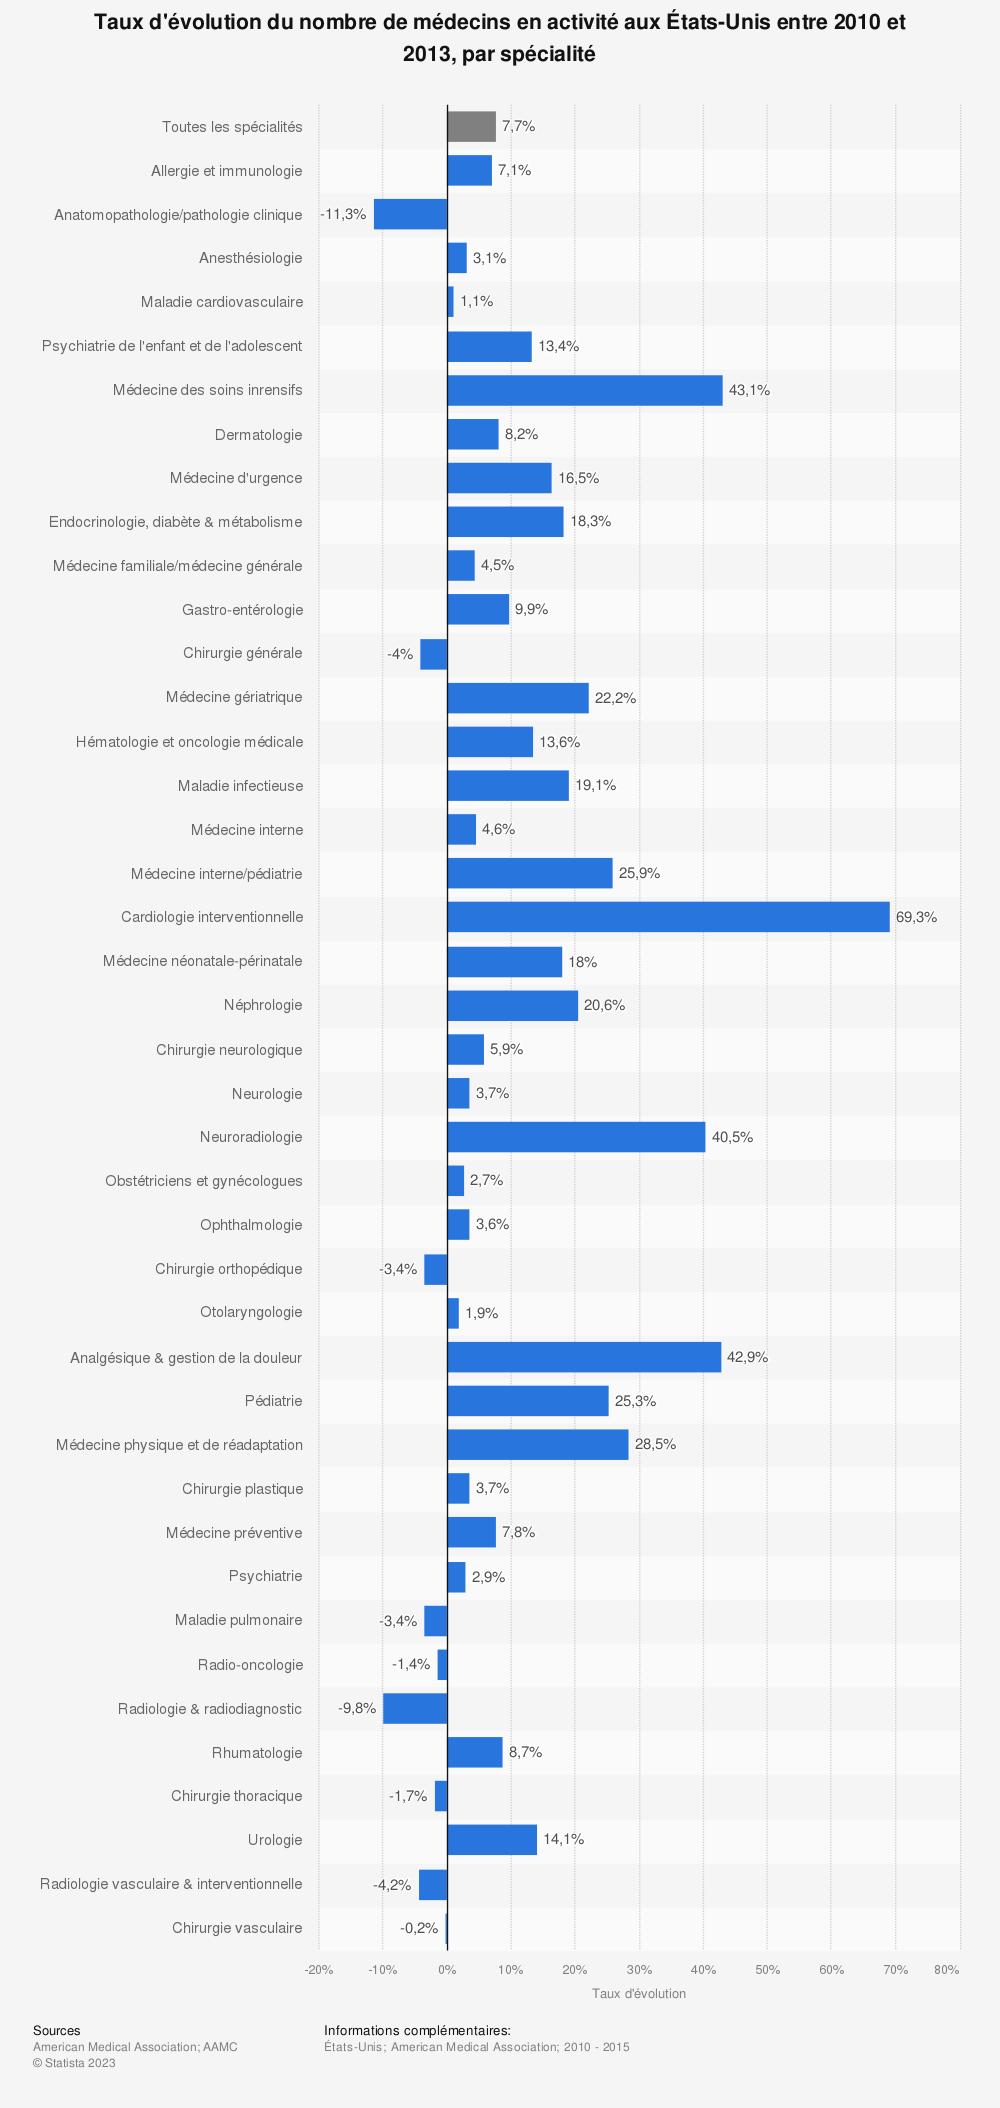 Statistique: Taux d'évolution du nombre de médecins en activité aux États-Unis entre 2010 et 2013, par spécialité | Statista